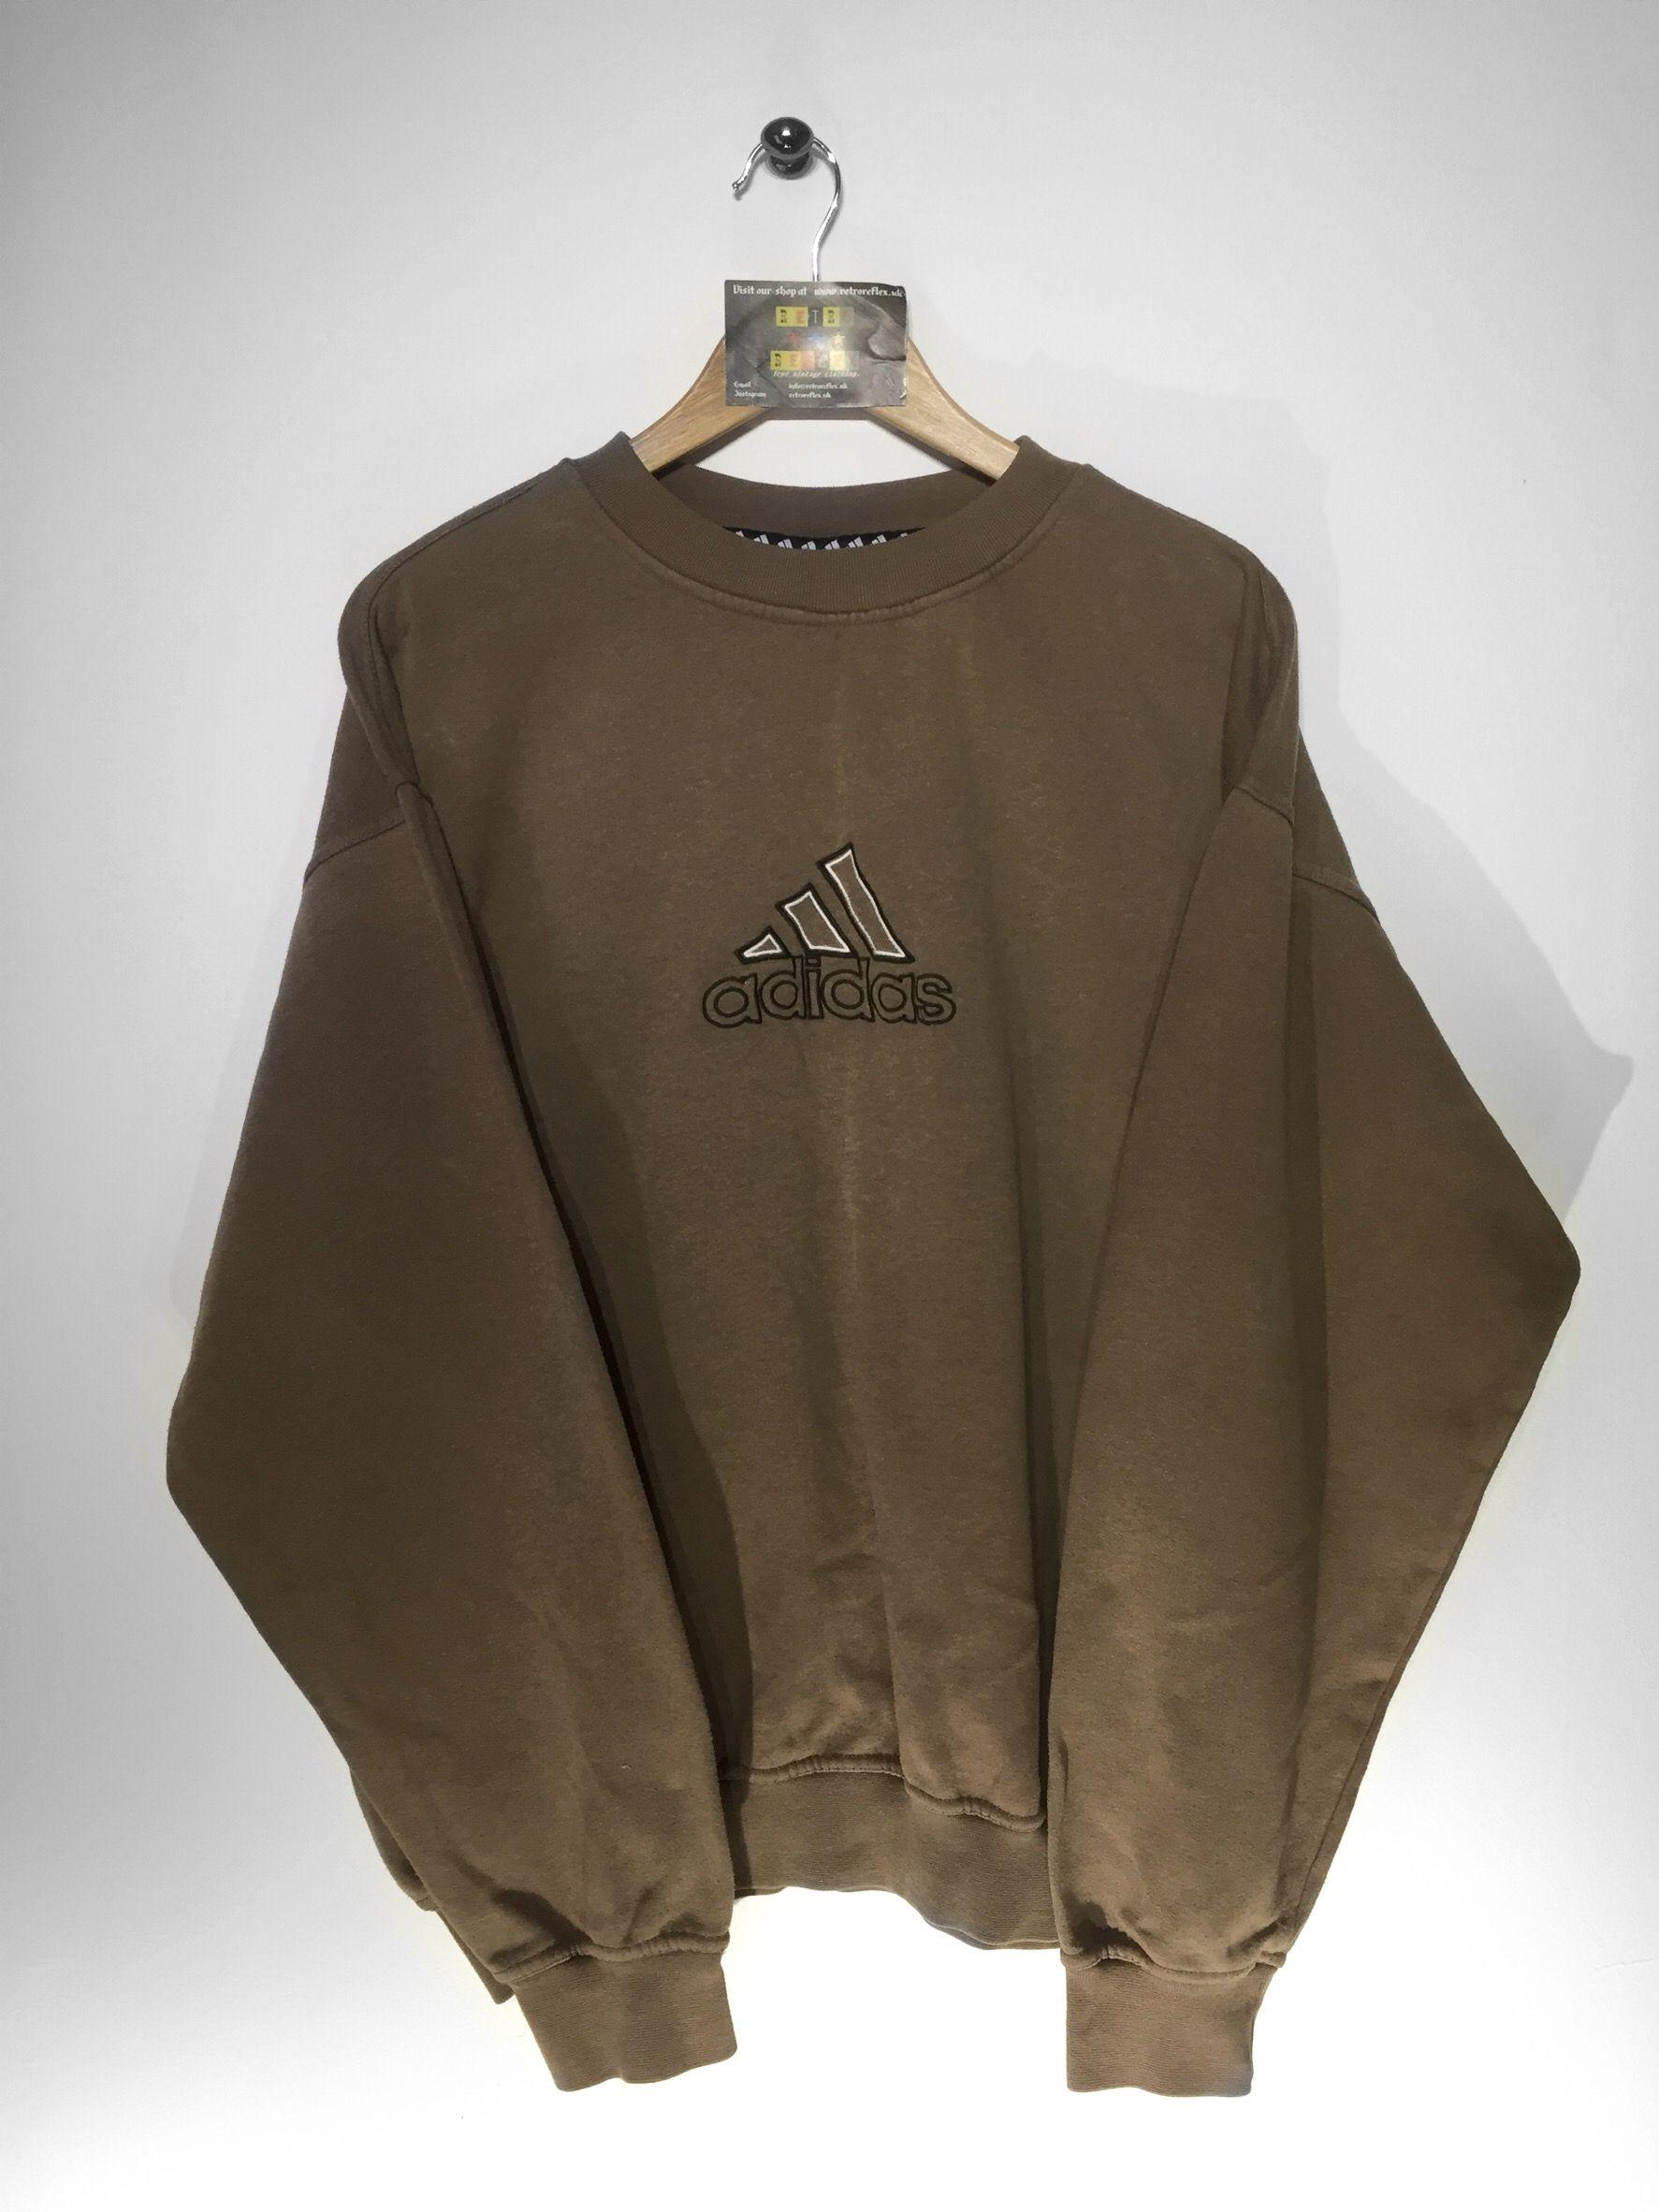 Adidas sweatshirt size X/Large(but Fits oversized) £32 Website➡️